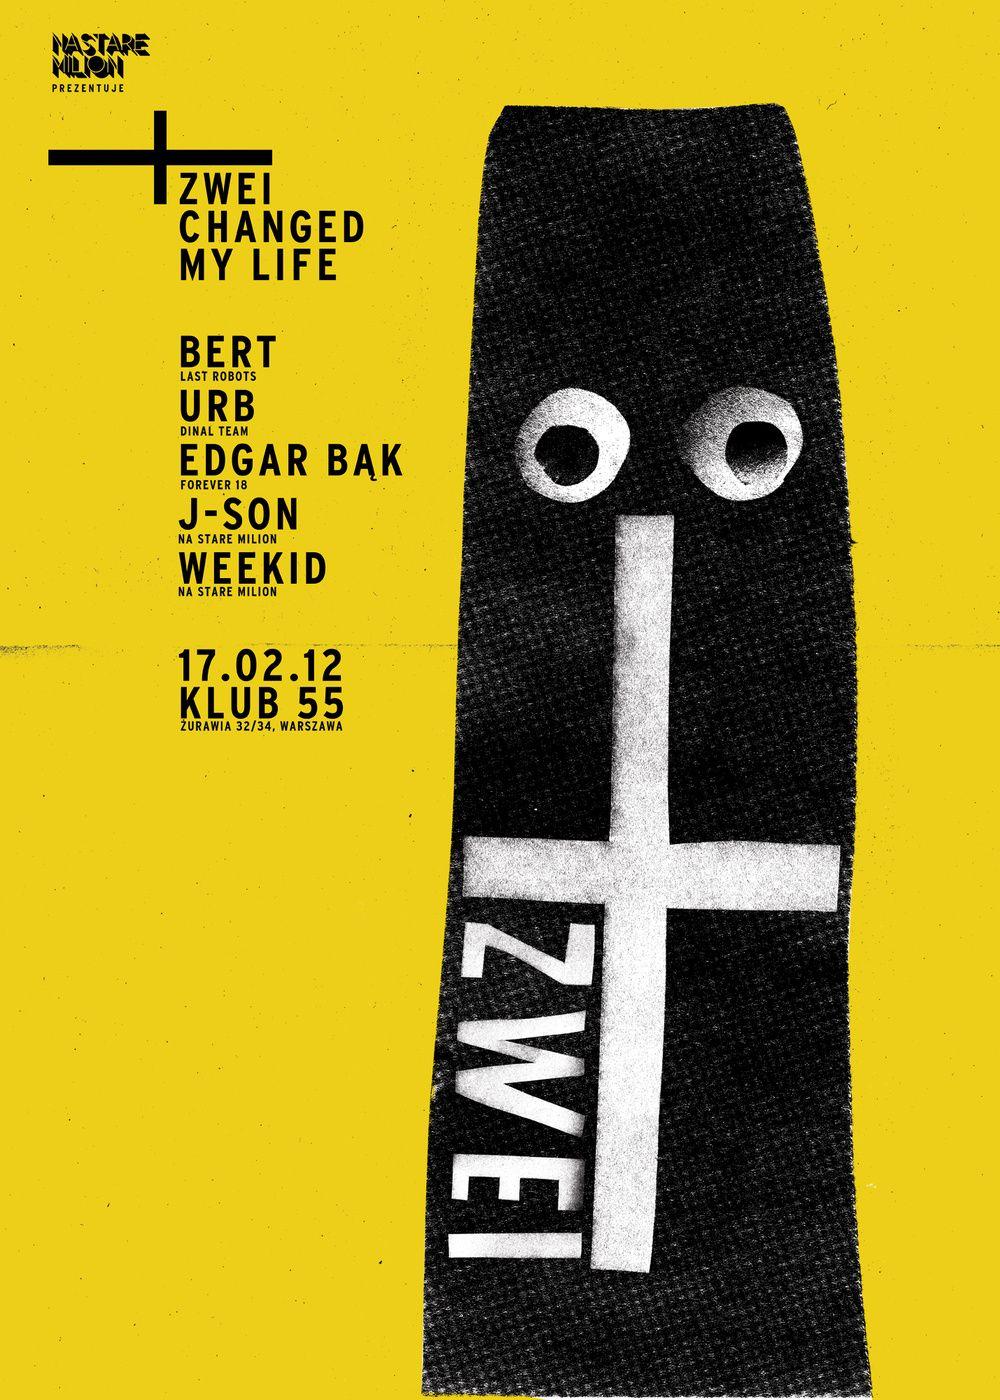 bartosz szymkiewicz - typo/graphic posters